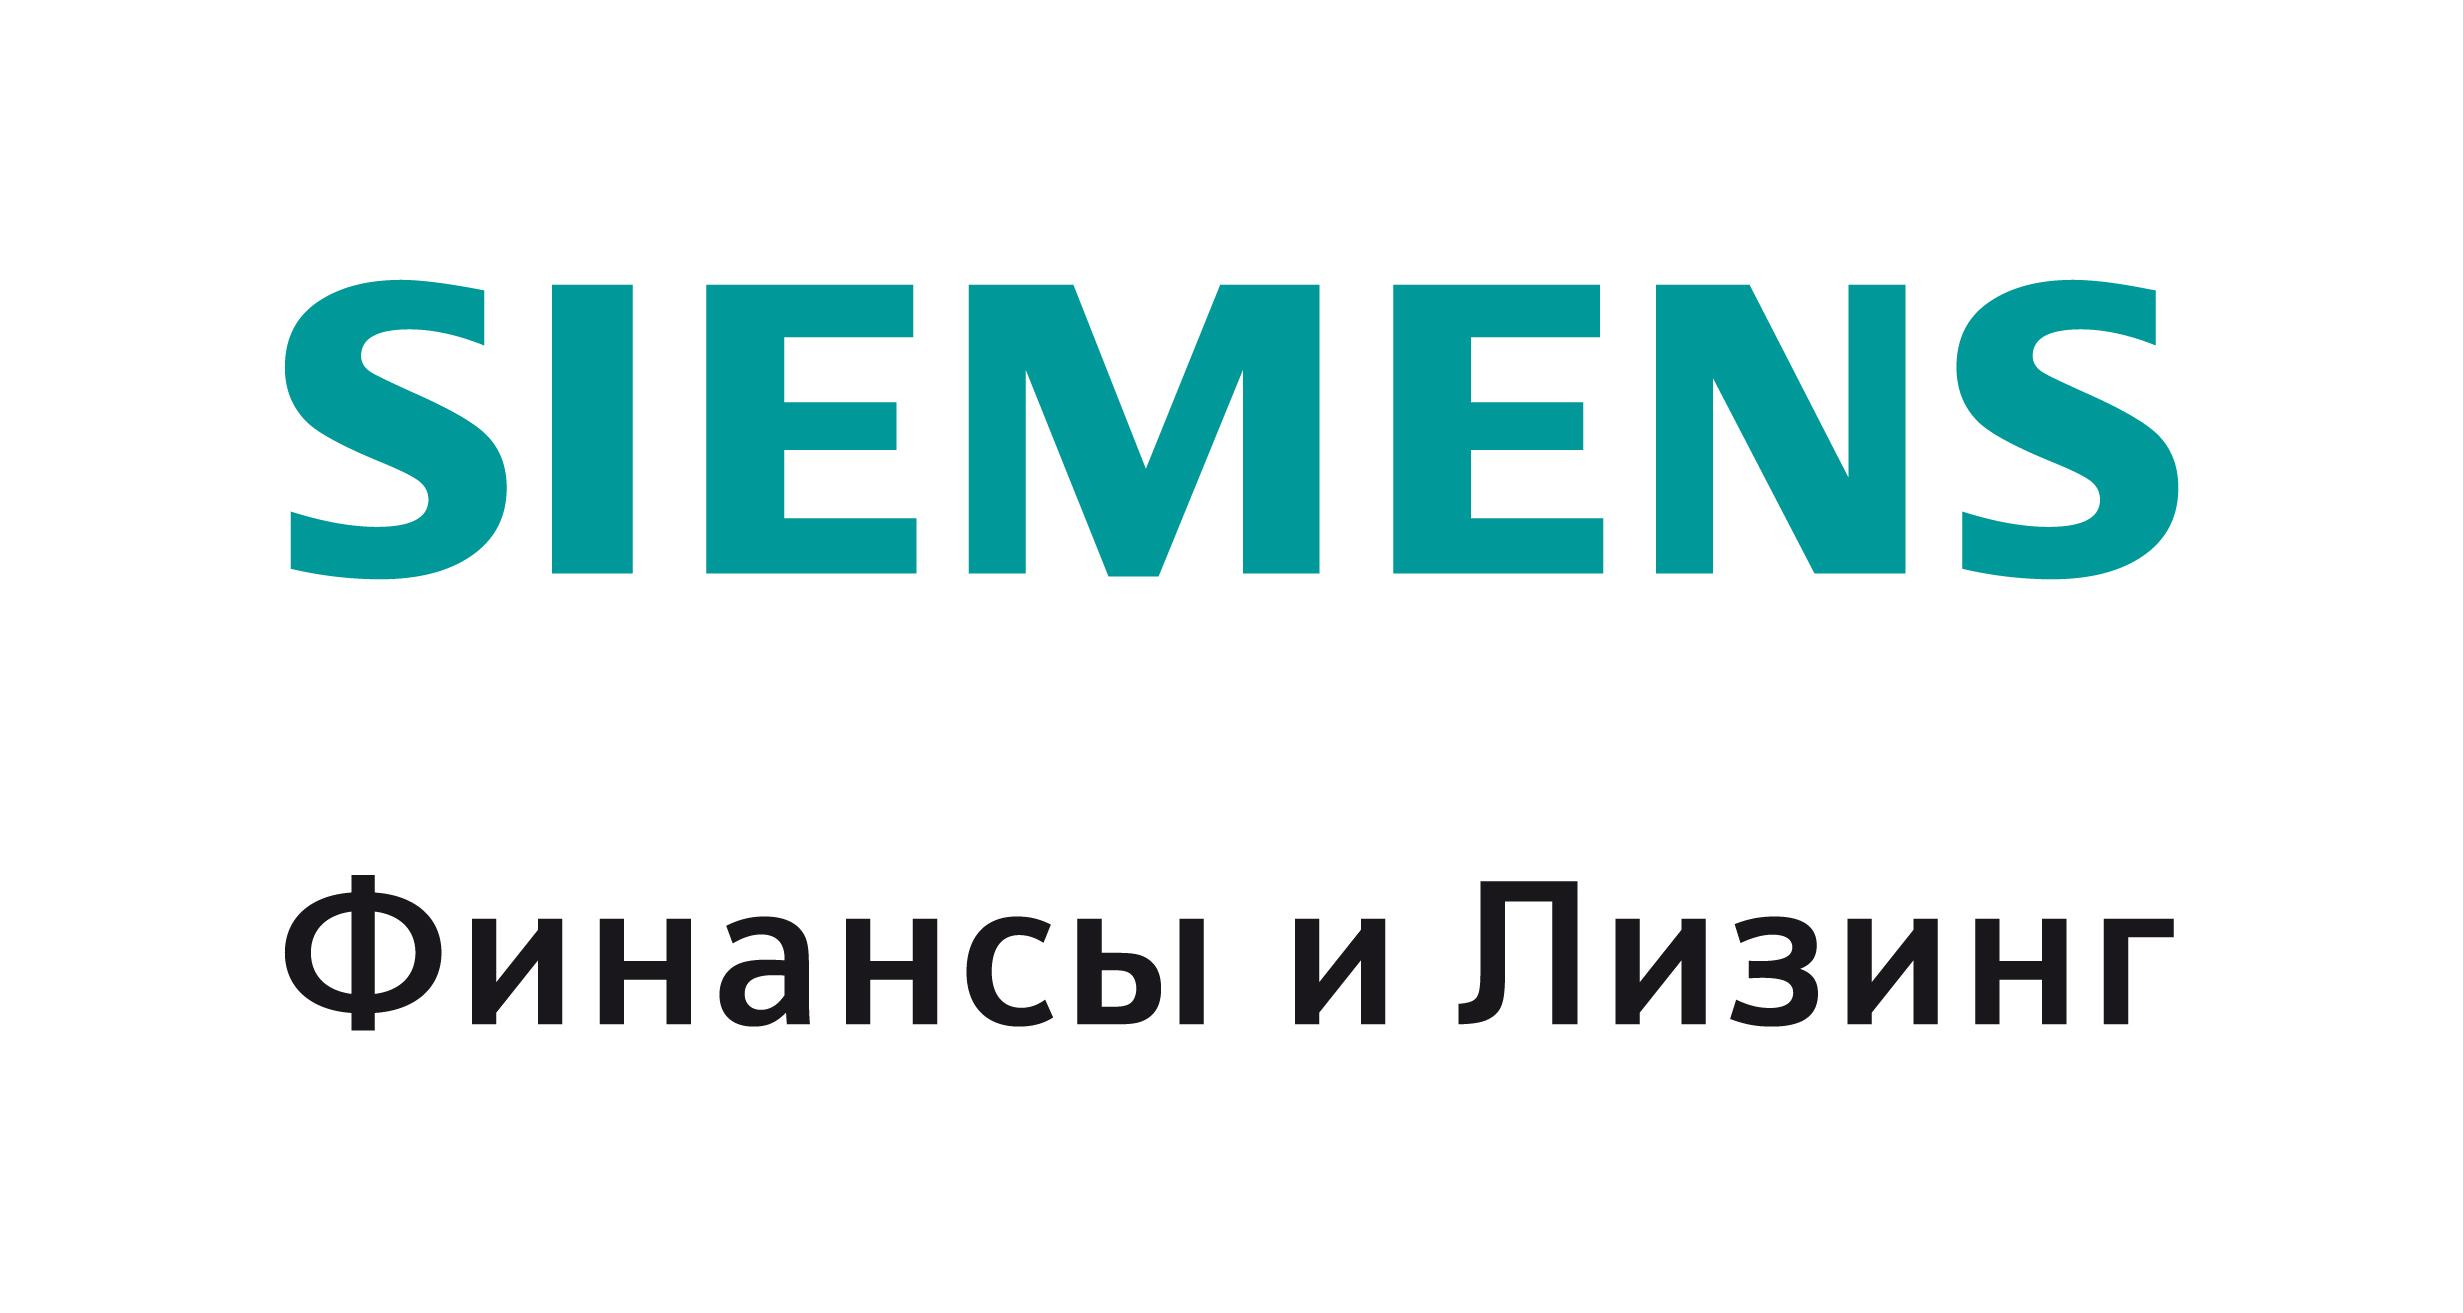 Лизинг помогает заводу с 260-летней историей ежемесячно экономить миллионы рублей - турбокомпресс